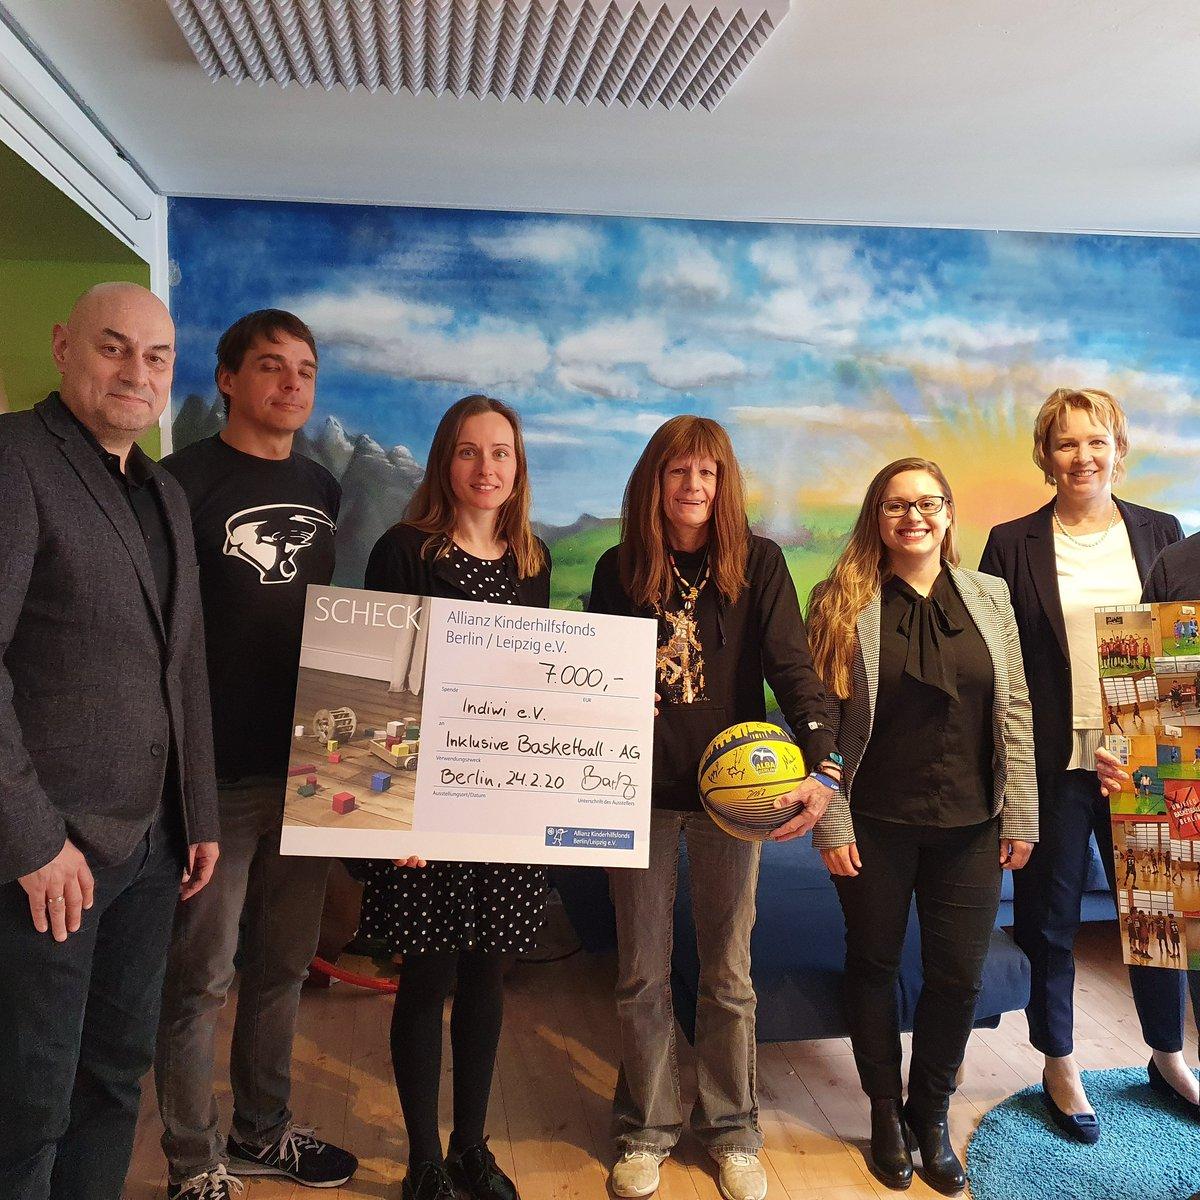 Für die inklusive Basketball Gruppe hat das indiwi eine Spende von 7000 Euro bekommen. Wir danken der Allianz Stiftung und alles MitarbeiterInnen für diese großartige Spende. #Inklusion #Vielfaltpic.twitter.com/yOKN0piw8L